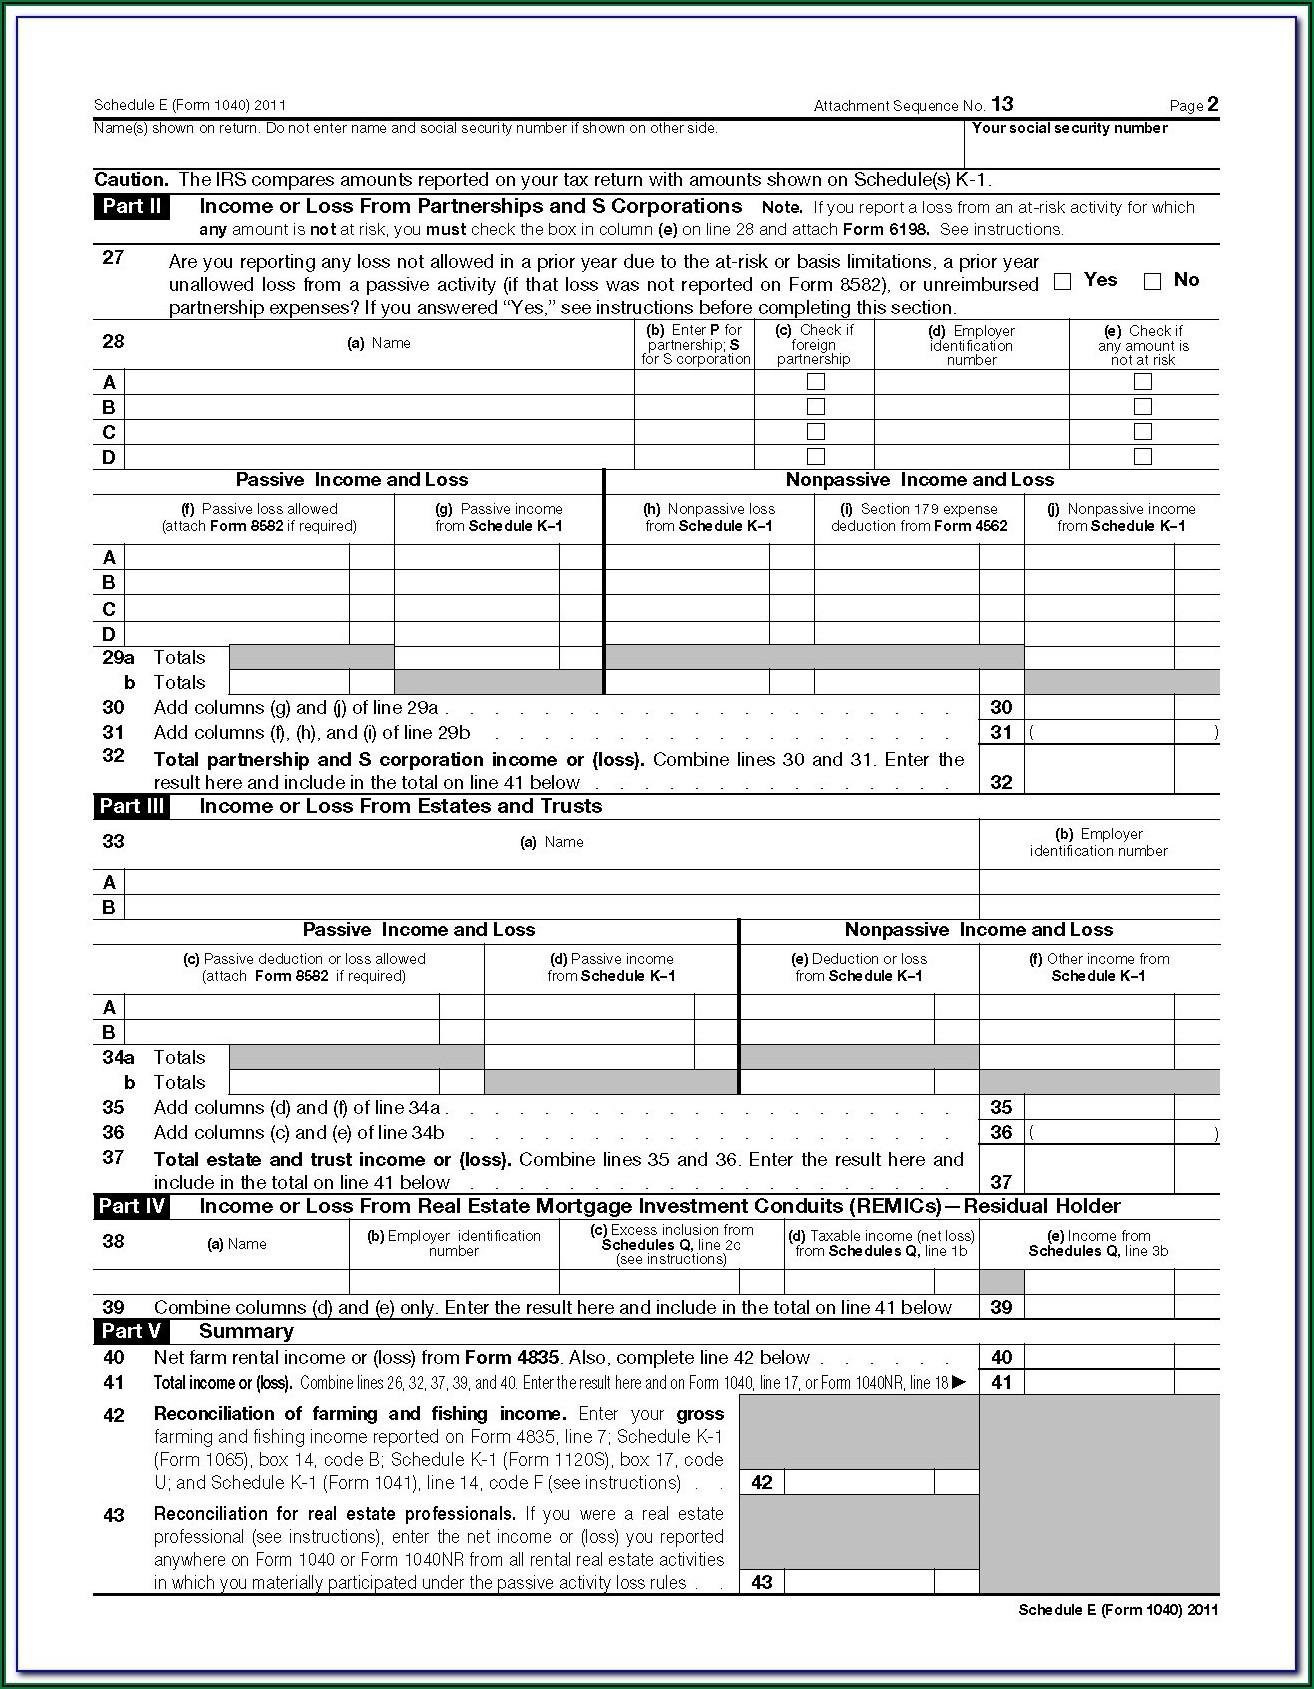 Federal Tax Form 1040a